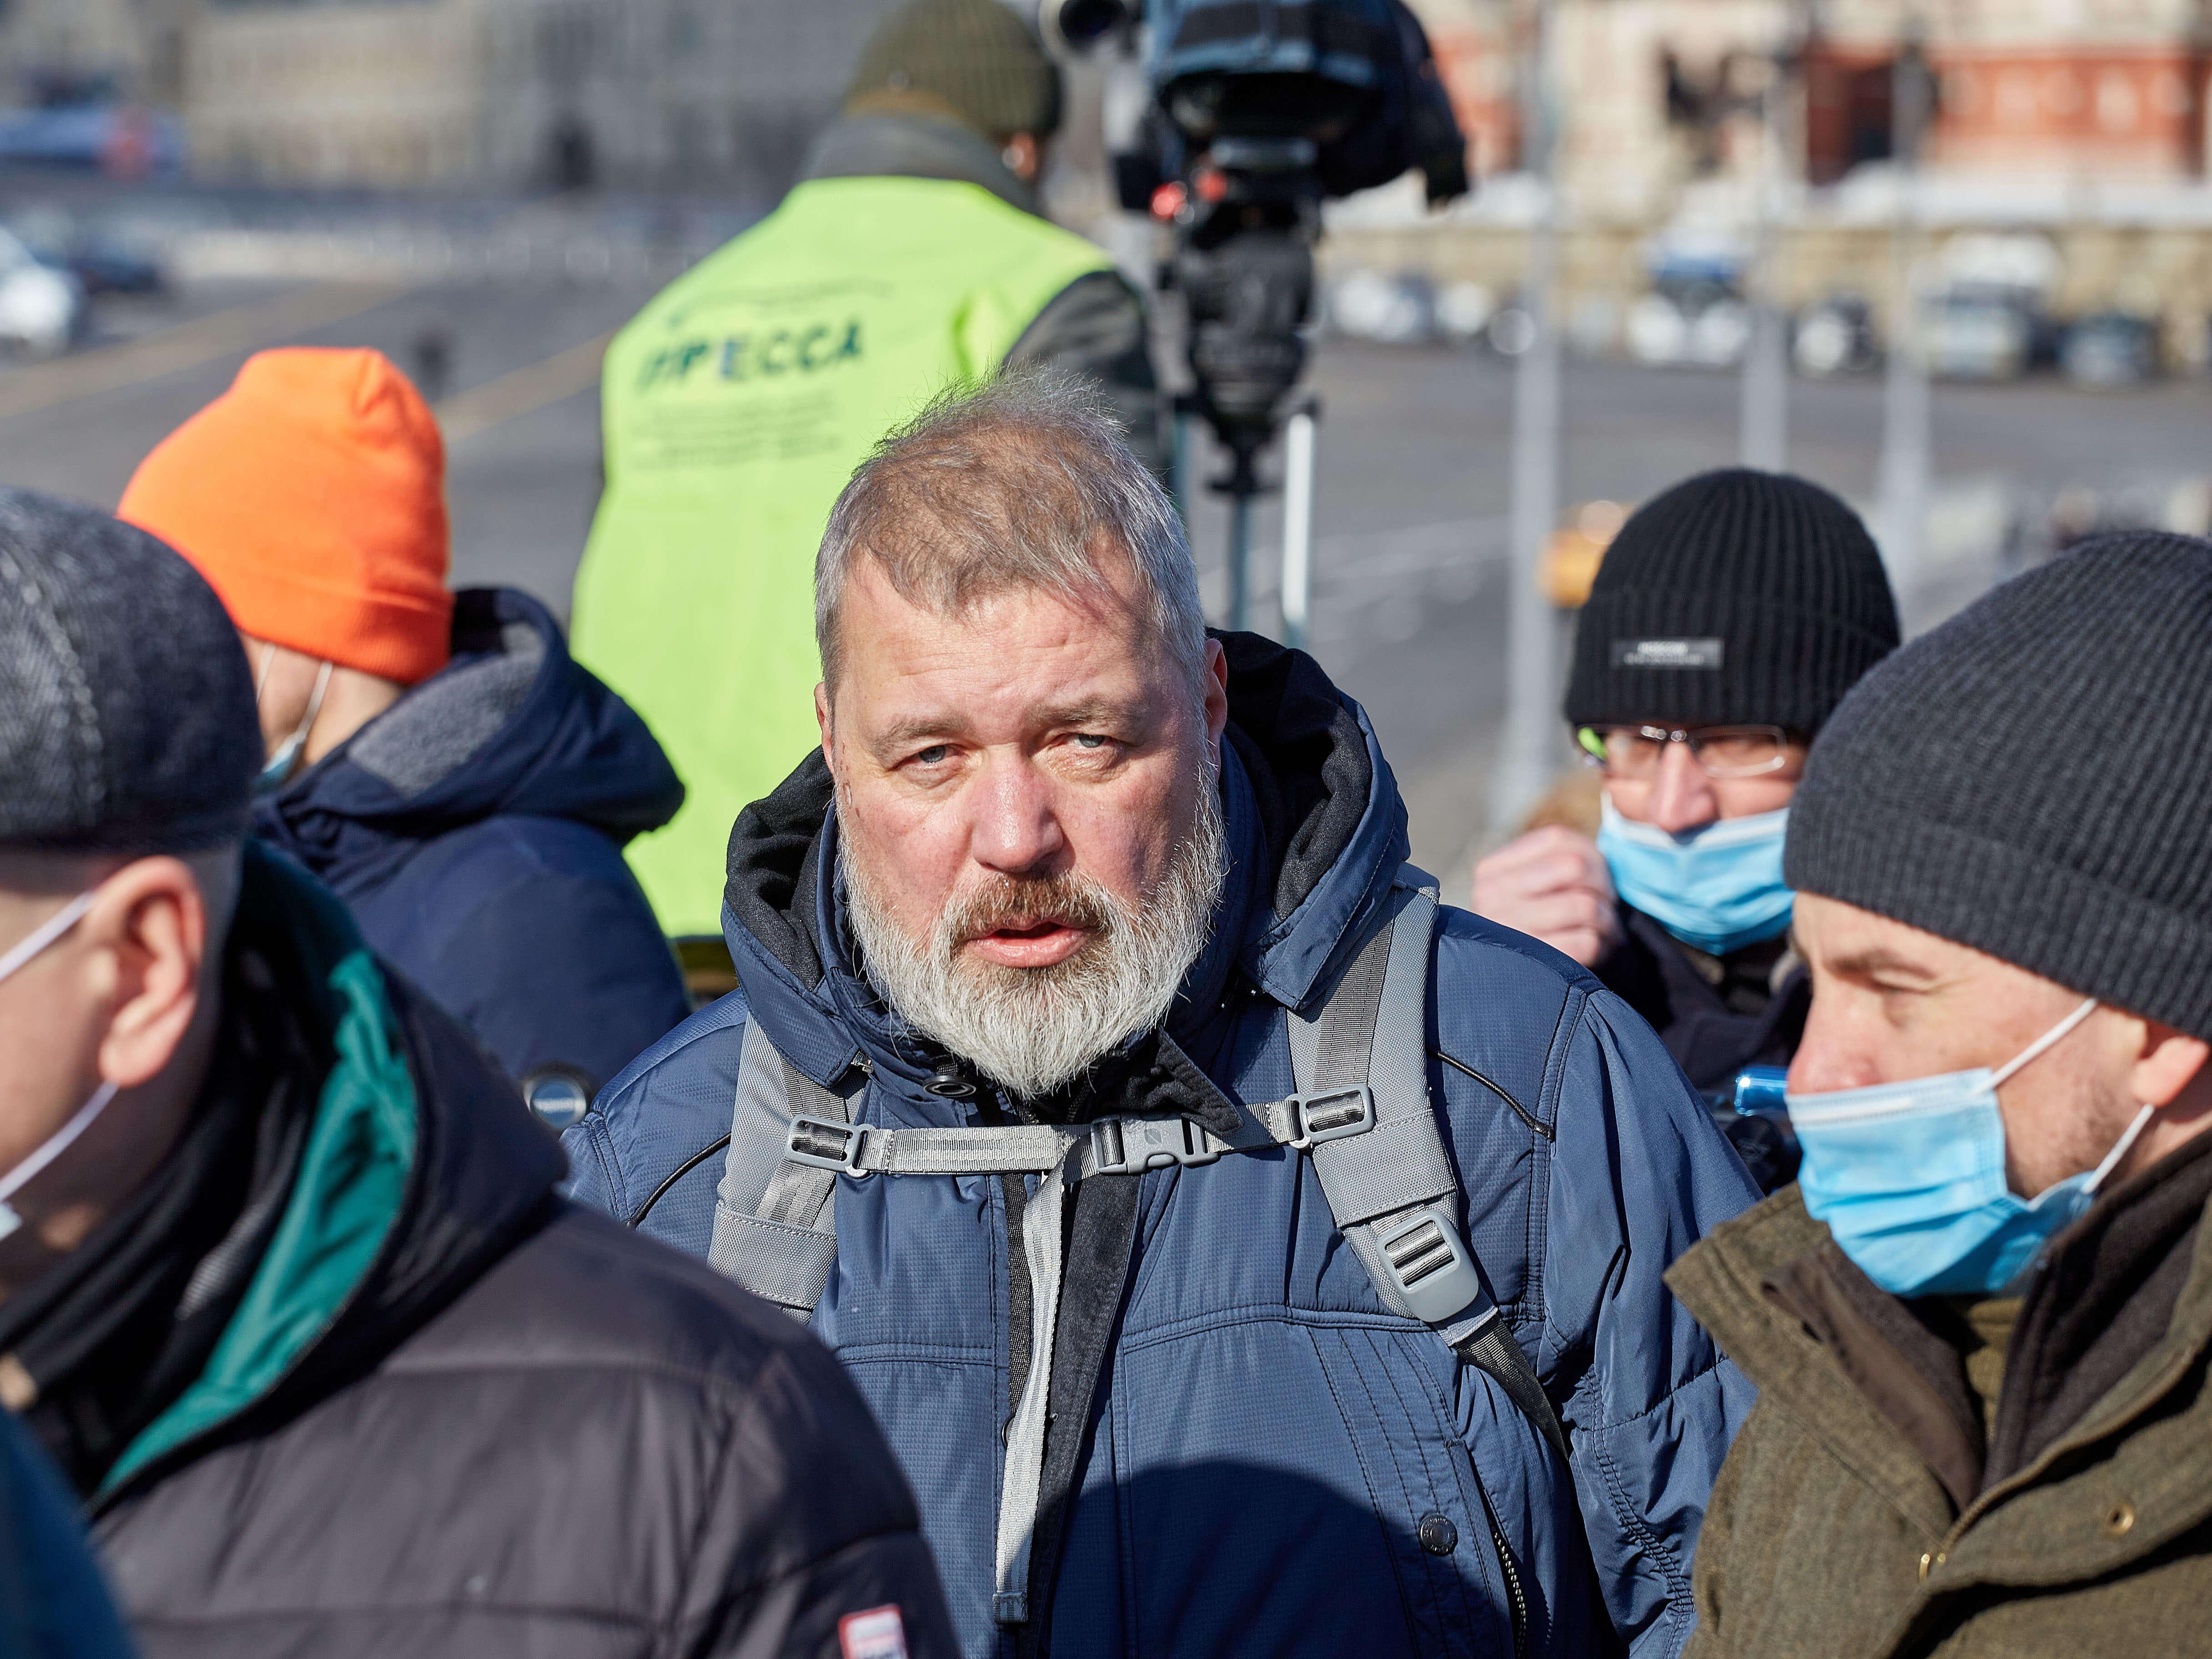 Mihail Siergiejevicz / Keystone Press Agency / Global Look Press